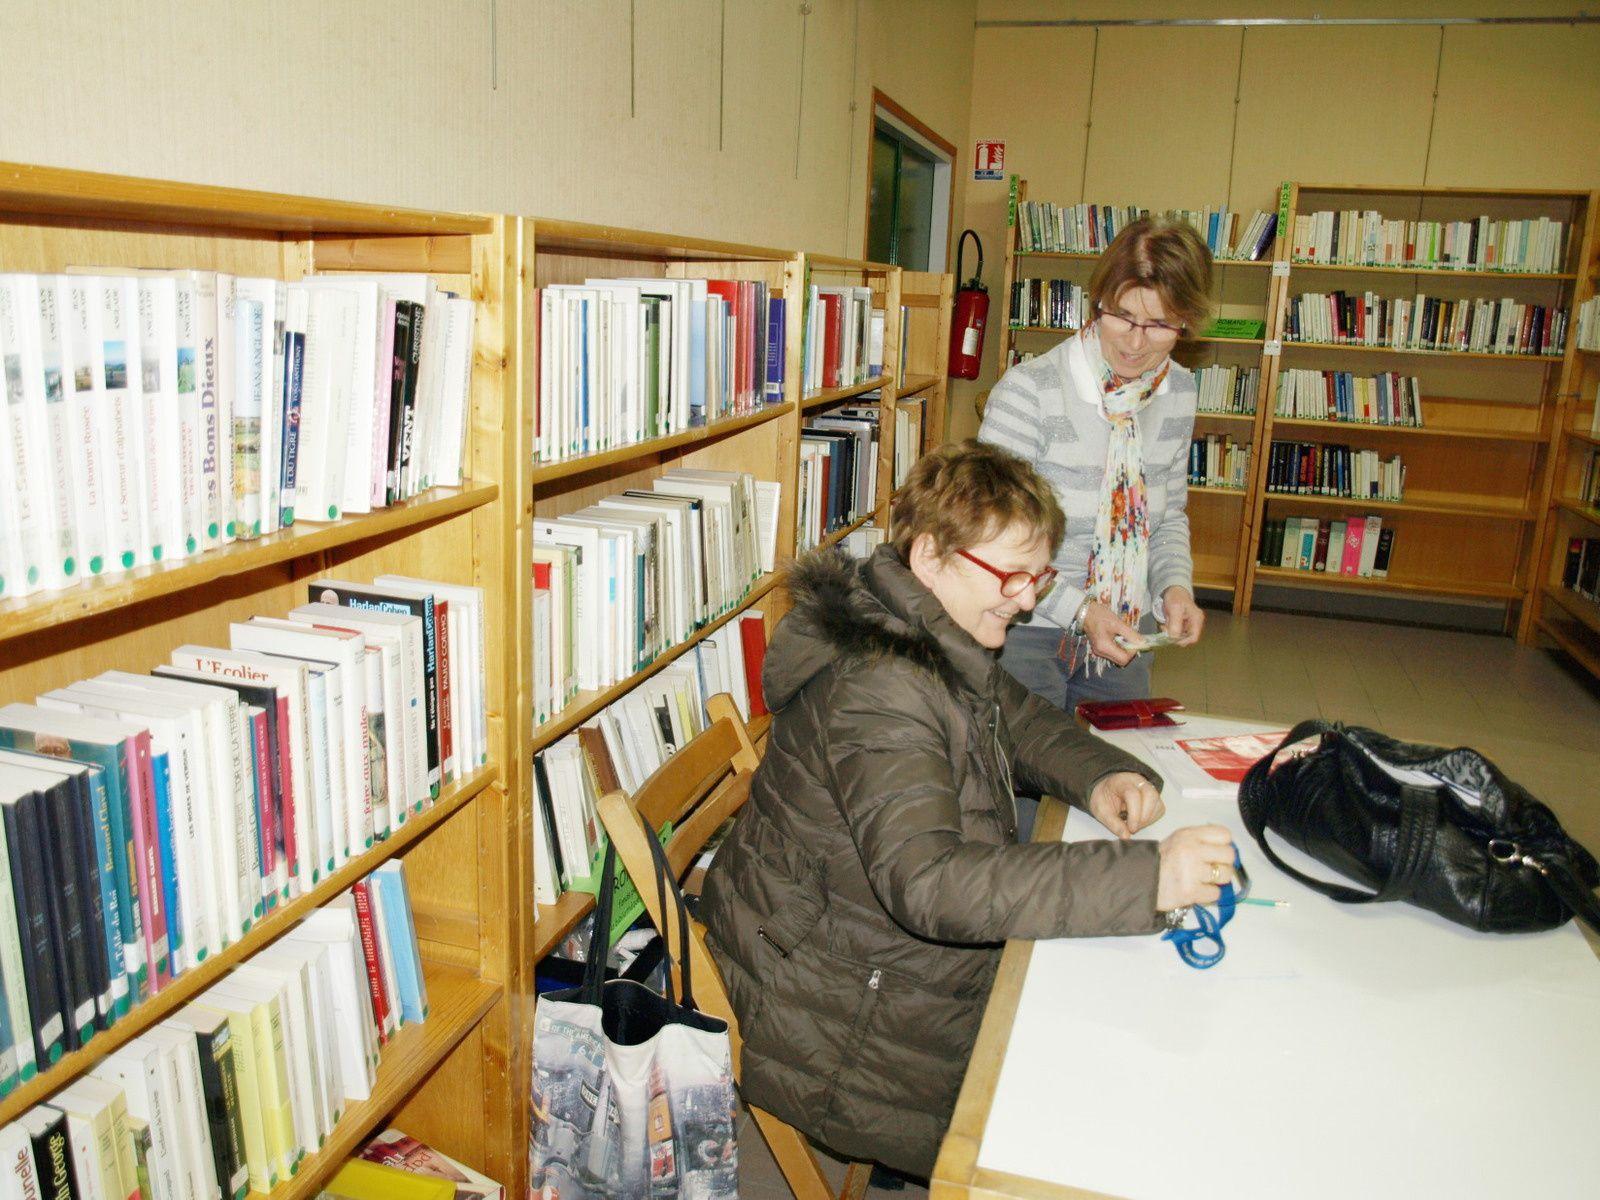 Inscrire les nouveaux ouvrages pour la bibliothèque